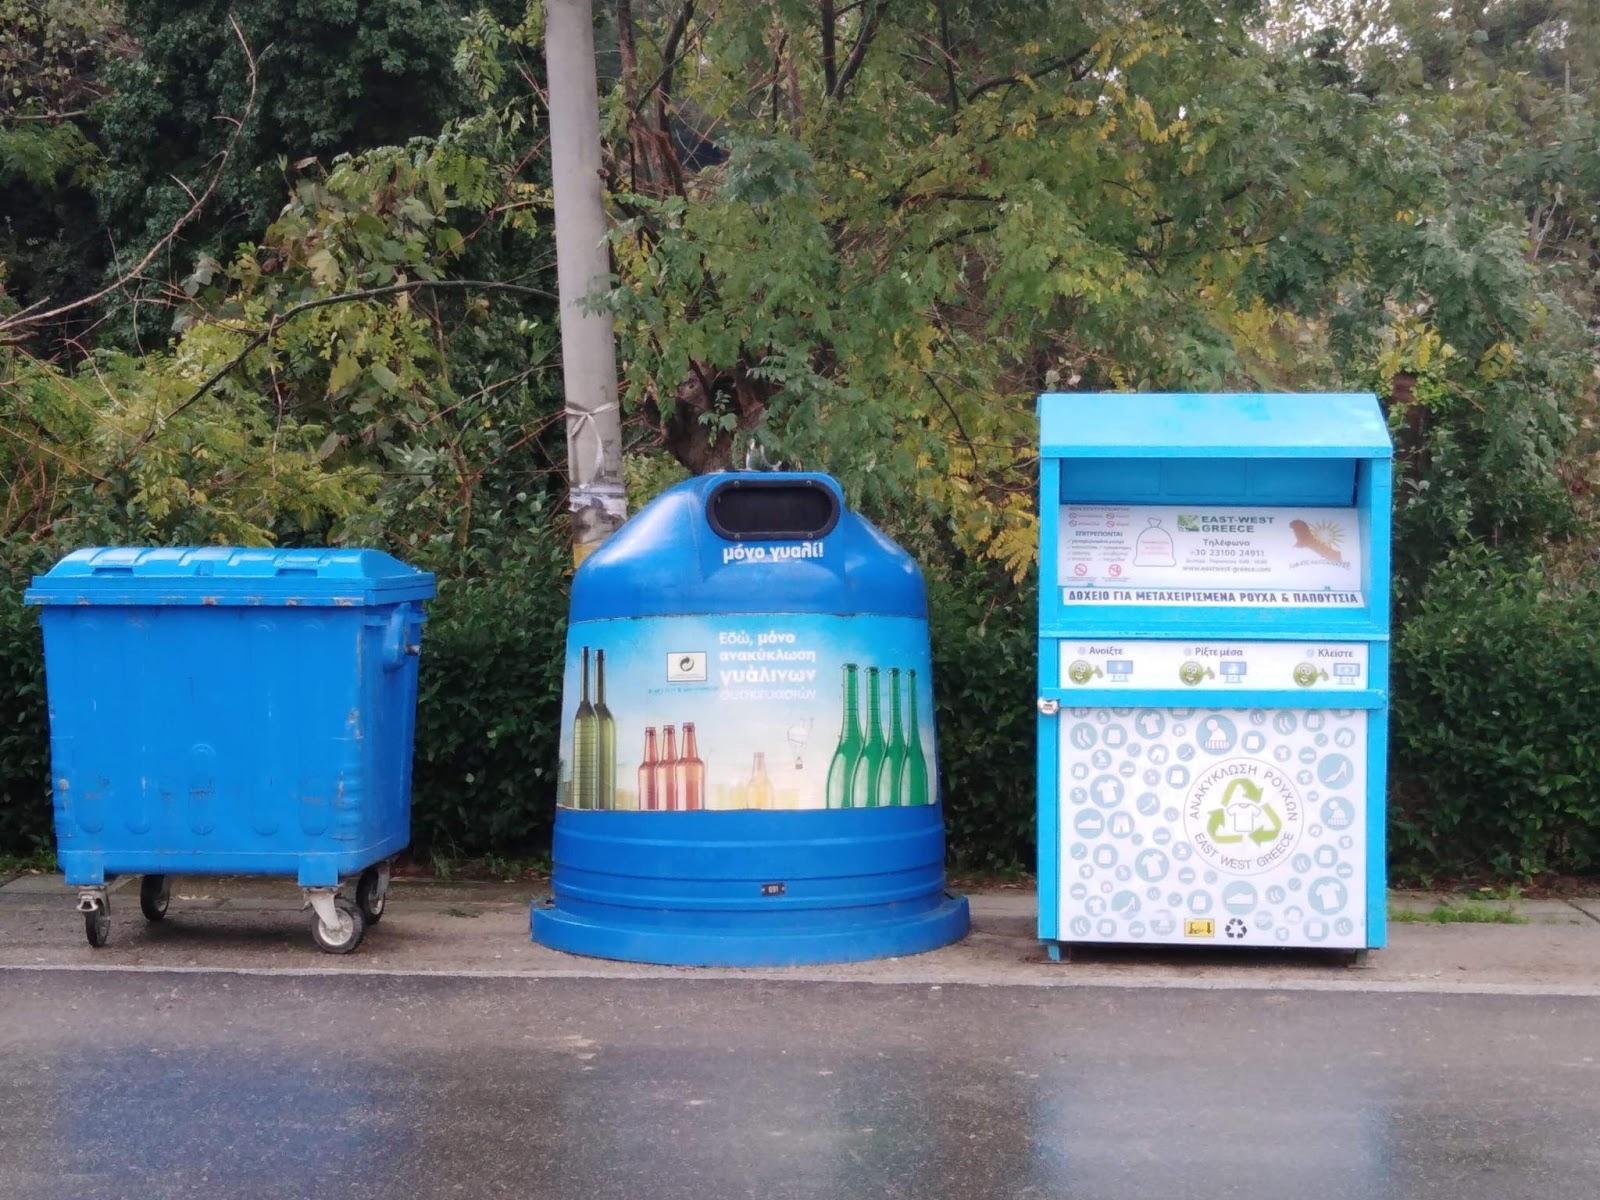 Ανακύκλωση ενδυμάτων και υποδημάτων για πρώτη φορά στην Κασσάνδρα